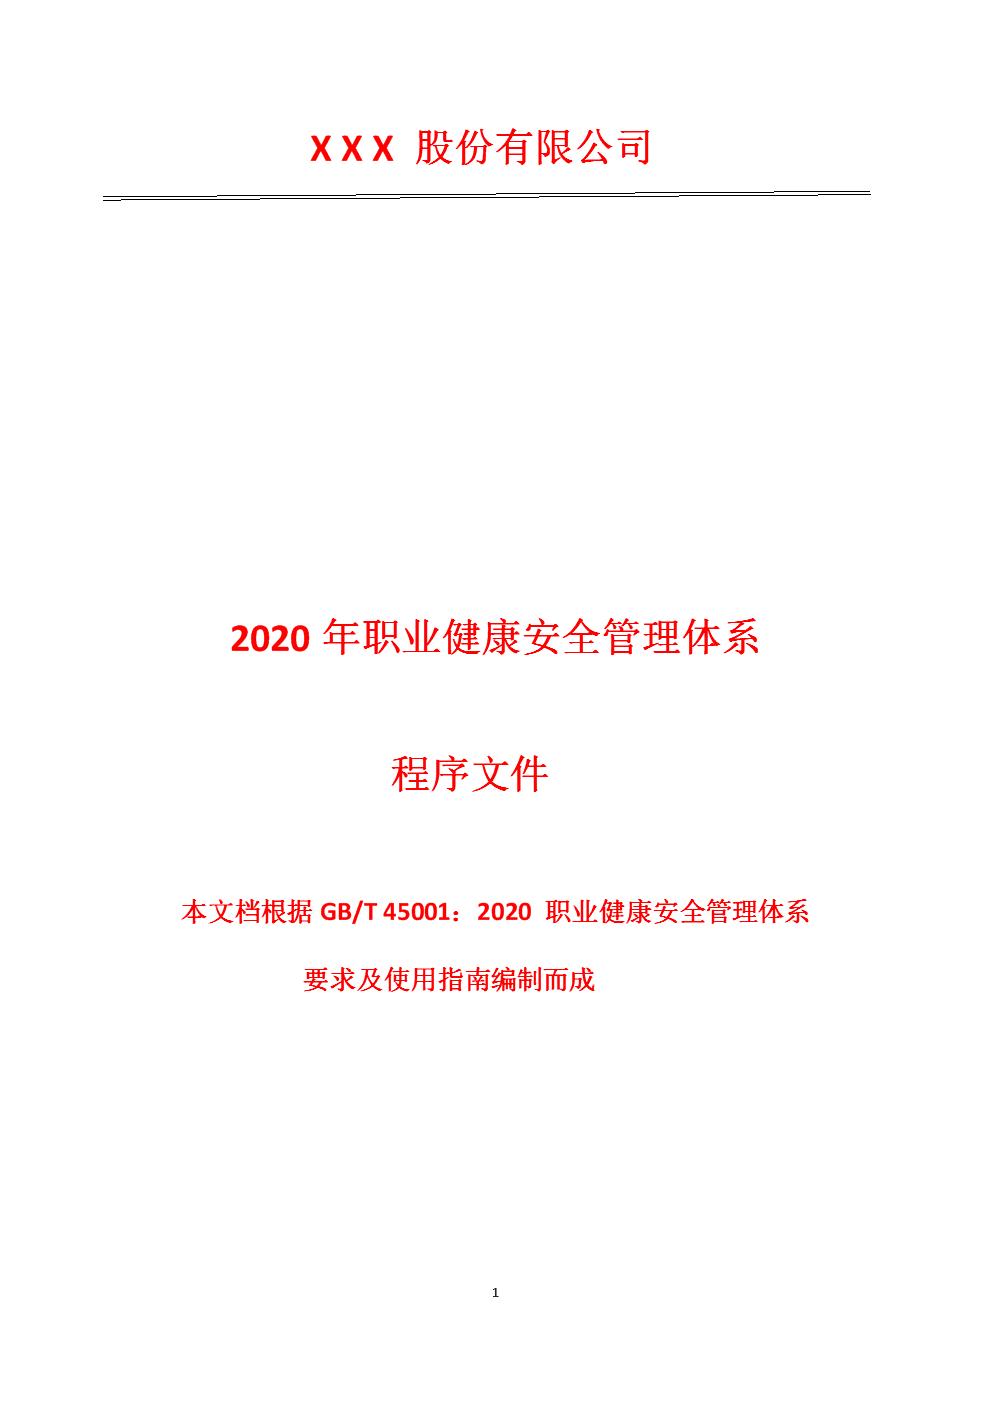 外包管理程序  2020年GBT45001 职业健康安全管理体系文件.docx